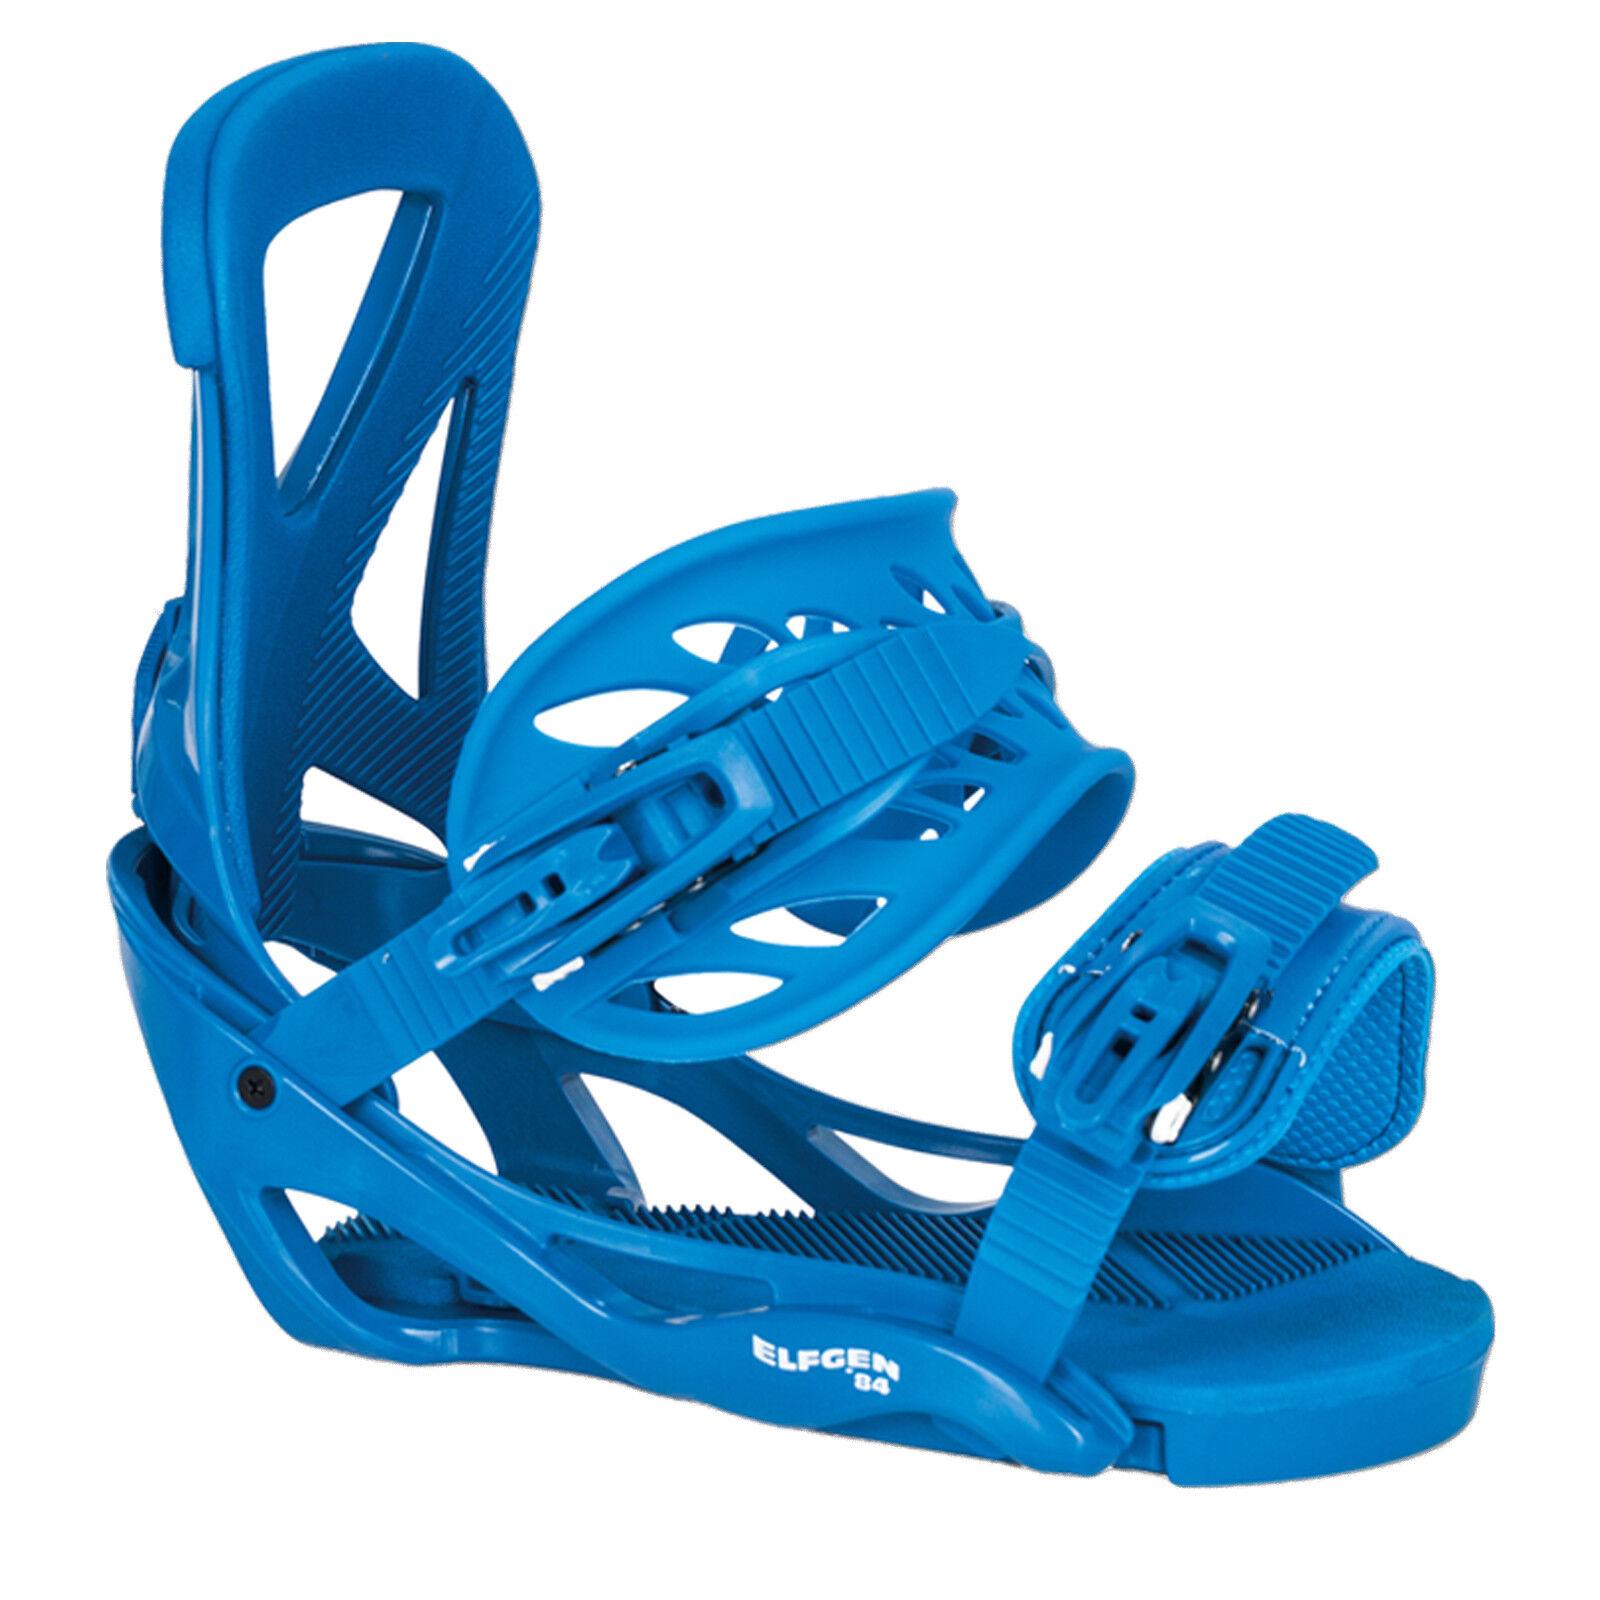 Elfgen Snowboard Softbota Fijación Team azul  Talla M 38-42 Eu